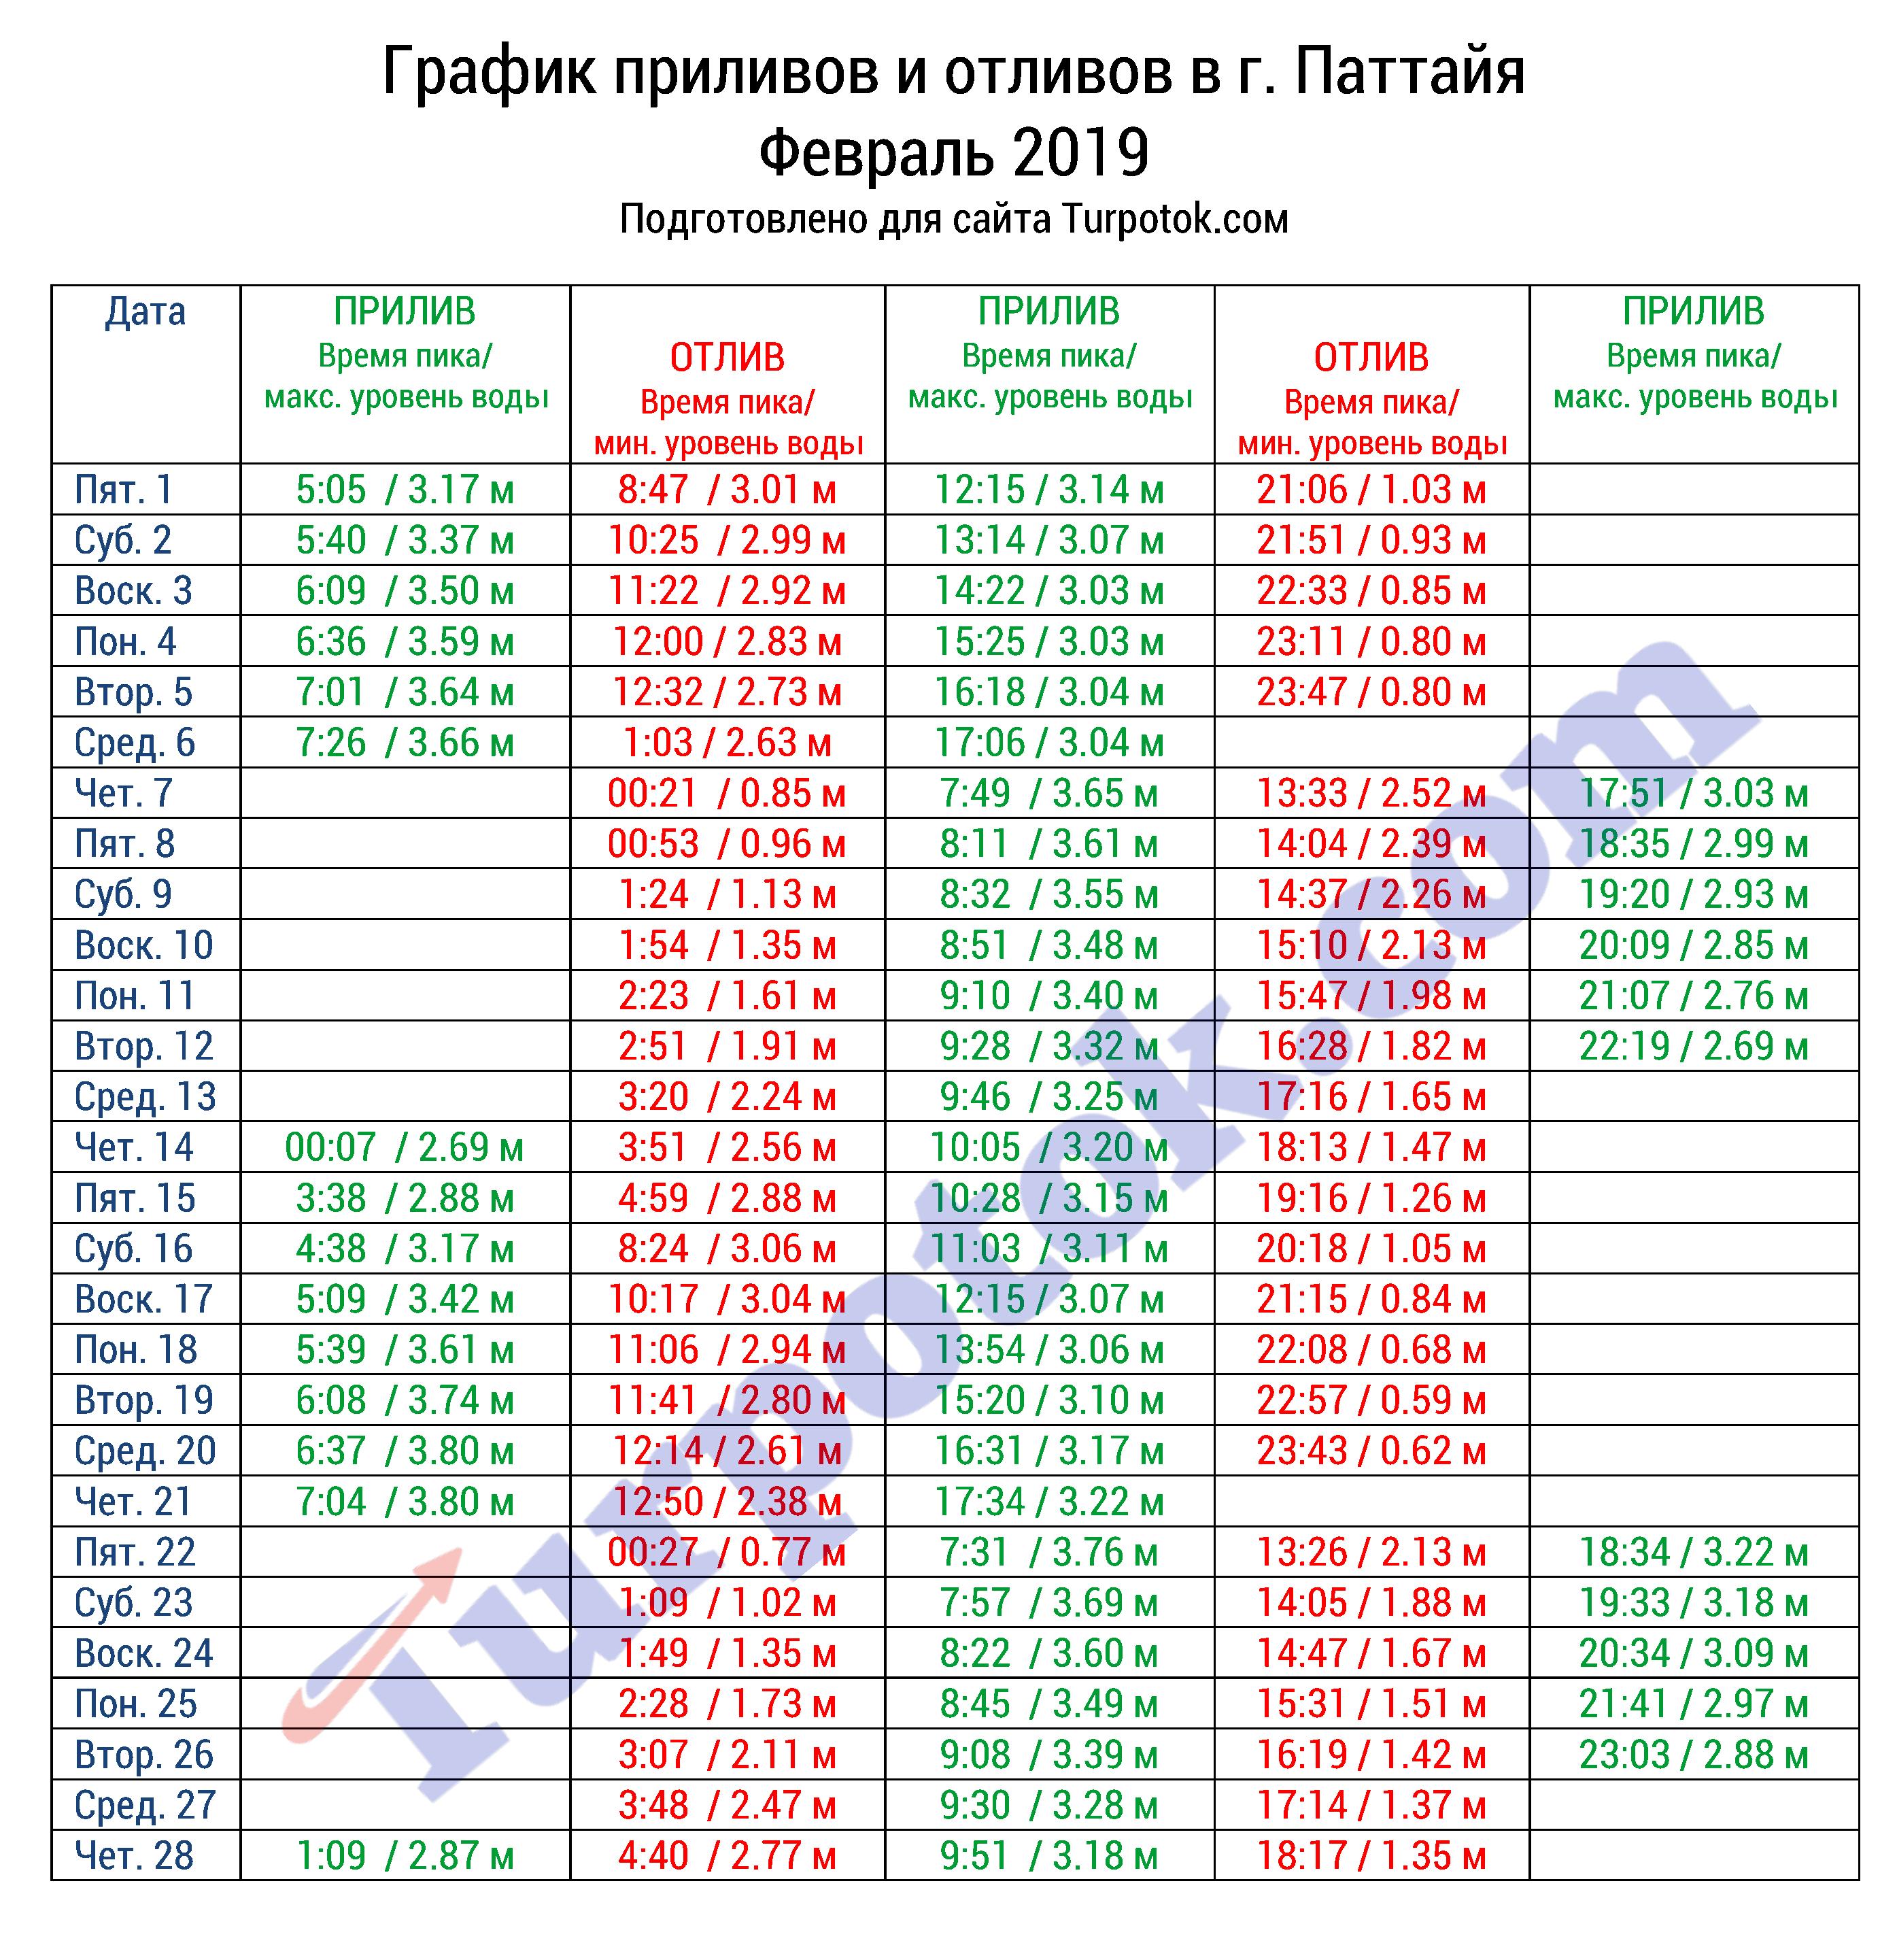 Таблица отливов в Паттайе в феврале 2019 года